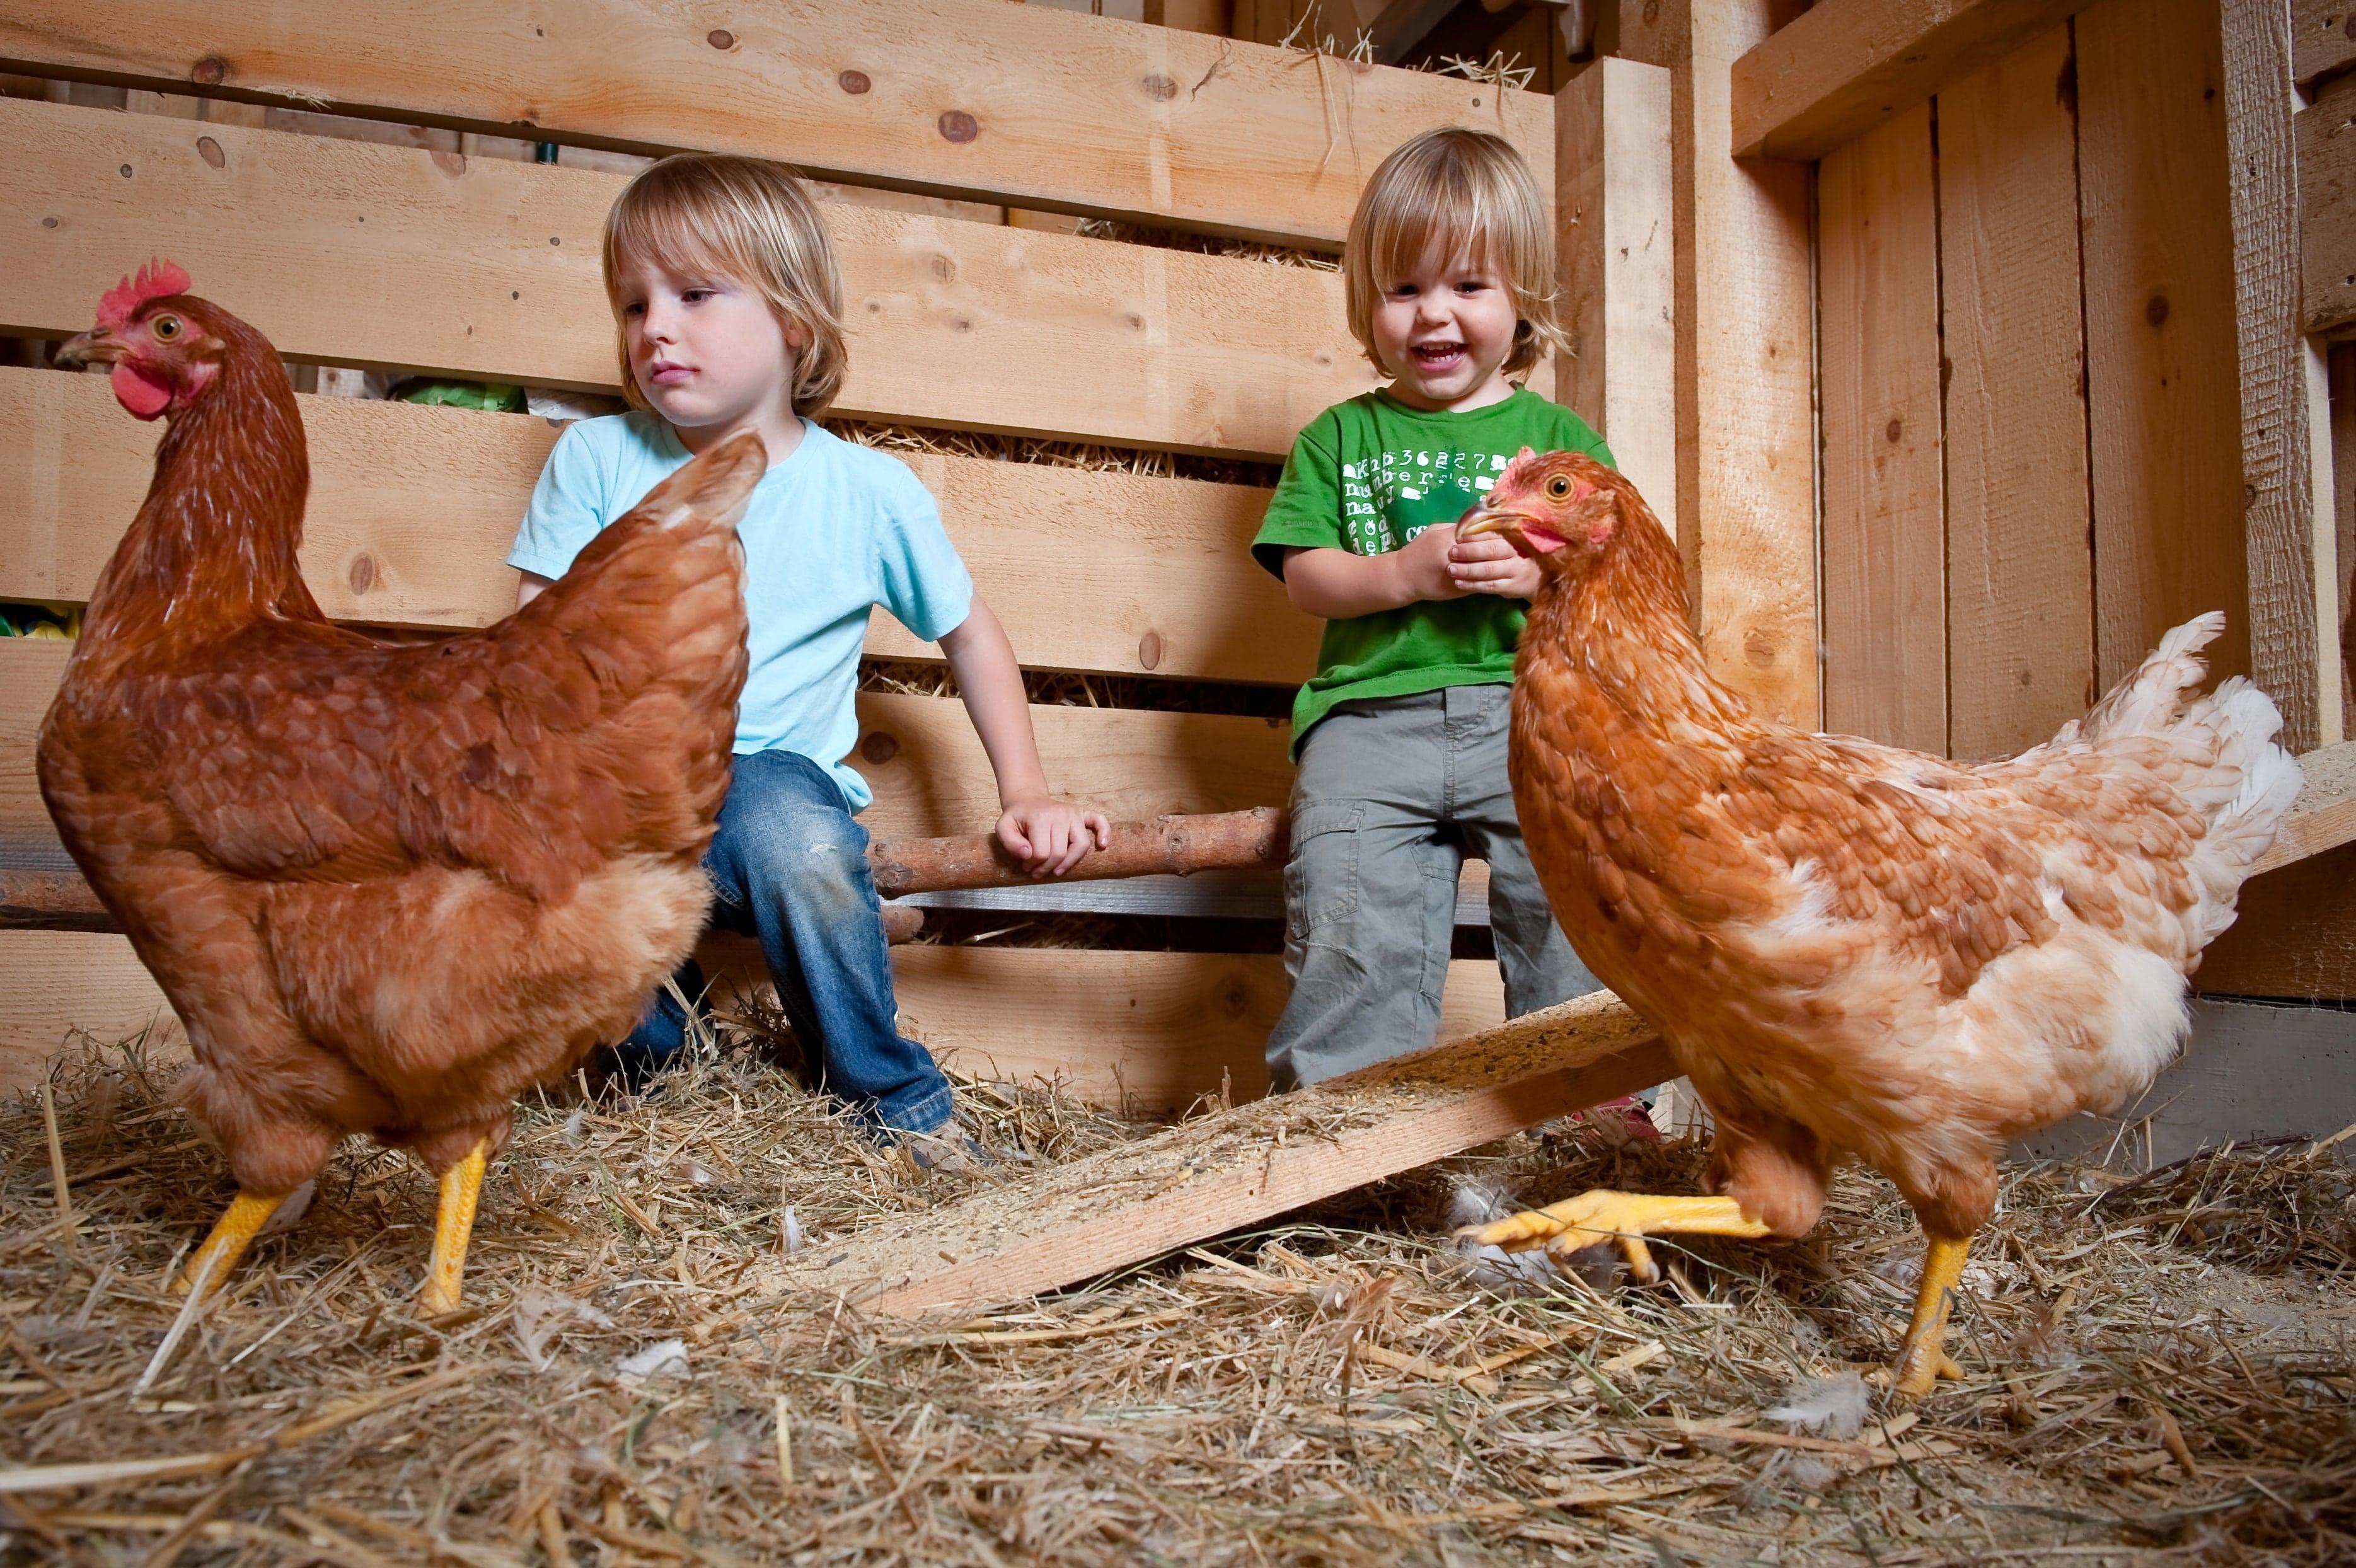 kinder mit Hühnern im Streichelzoo im JUFA Hotel Tieschen Landerlebnis. JUFA Hotels bietet Ihnen den Ort für erlebnisreichen Natururlaub für die ganze Familie.